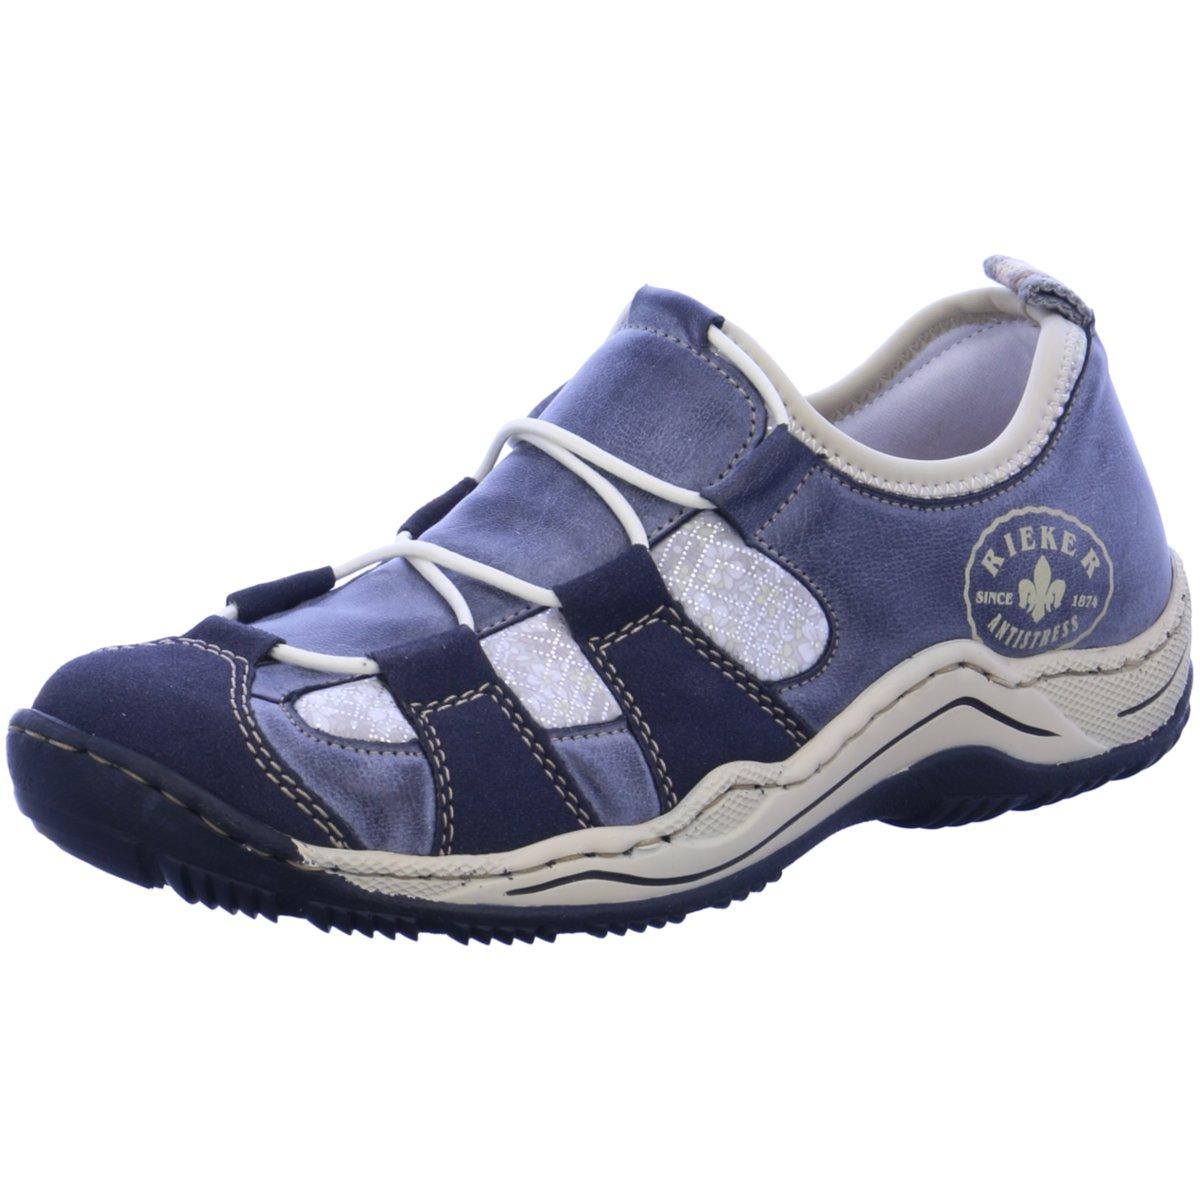 NEU Rieker Damen Slipper Slipper Halbschuh Casual L0582-14 blau 107024